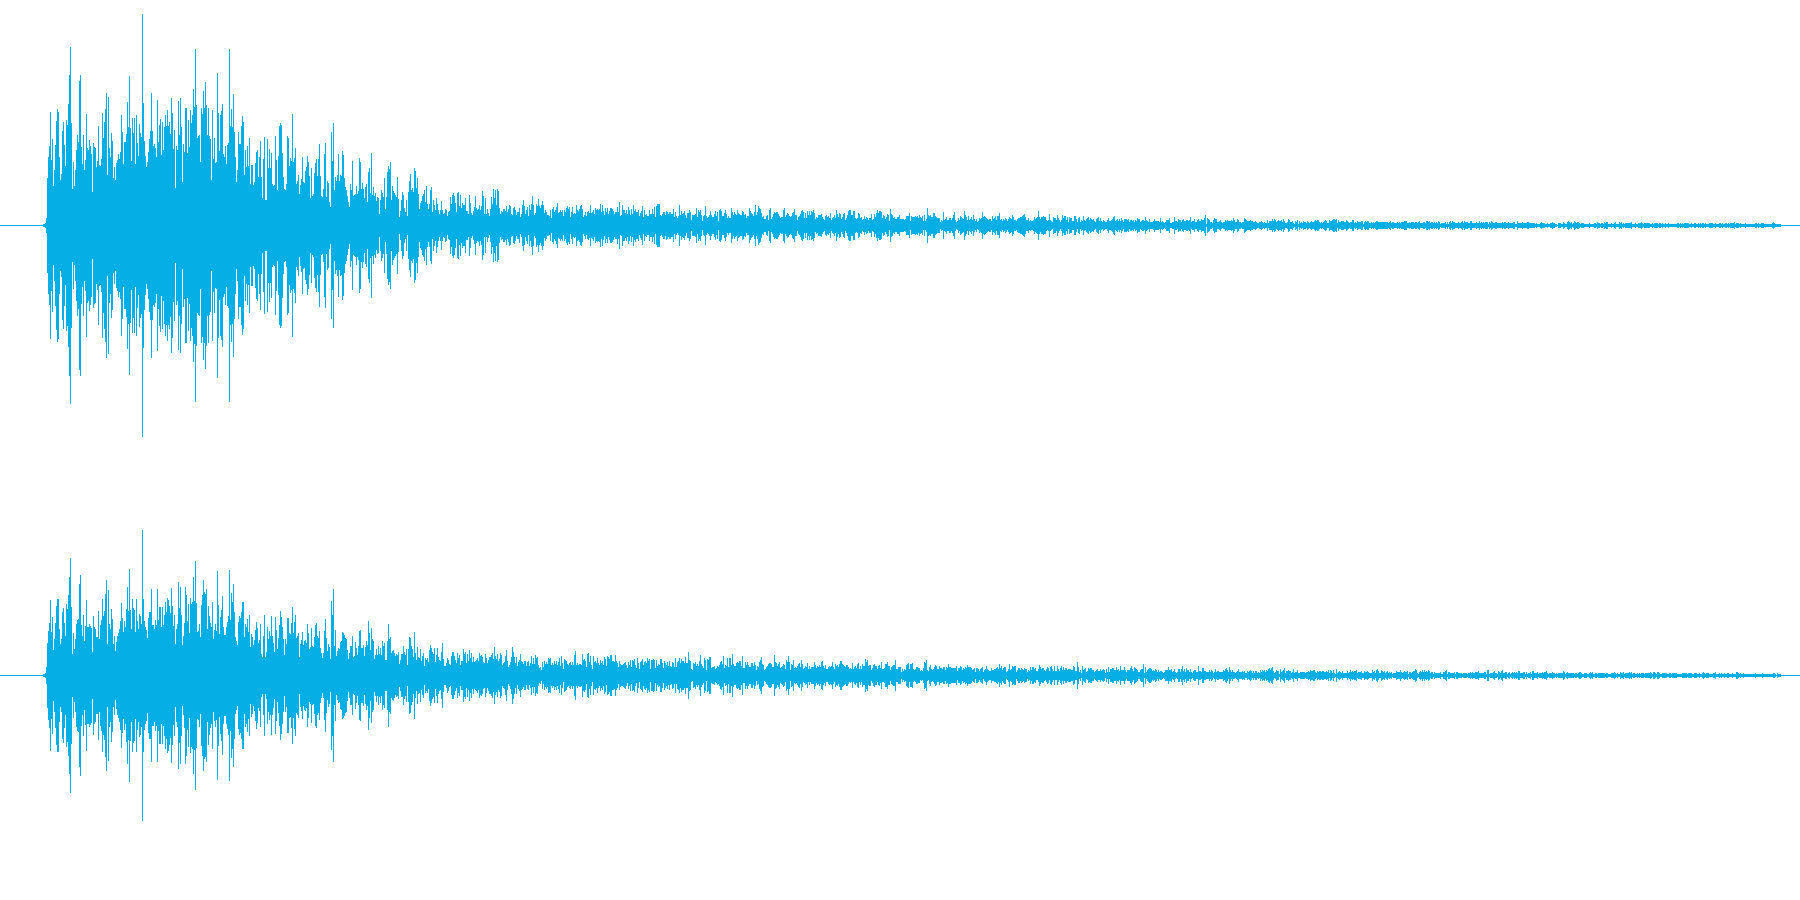 ズバッ、という刃物で斬りつける音ですの再生済みの波形